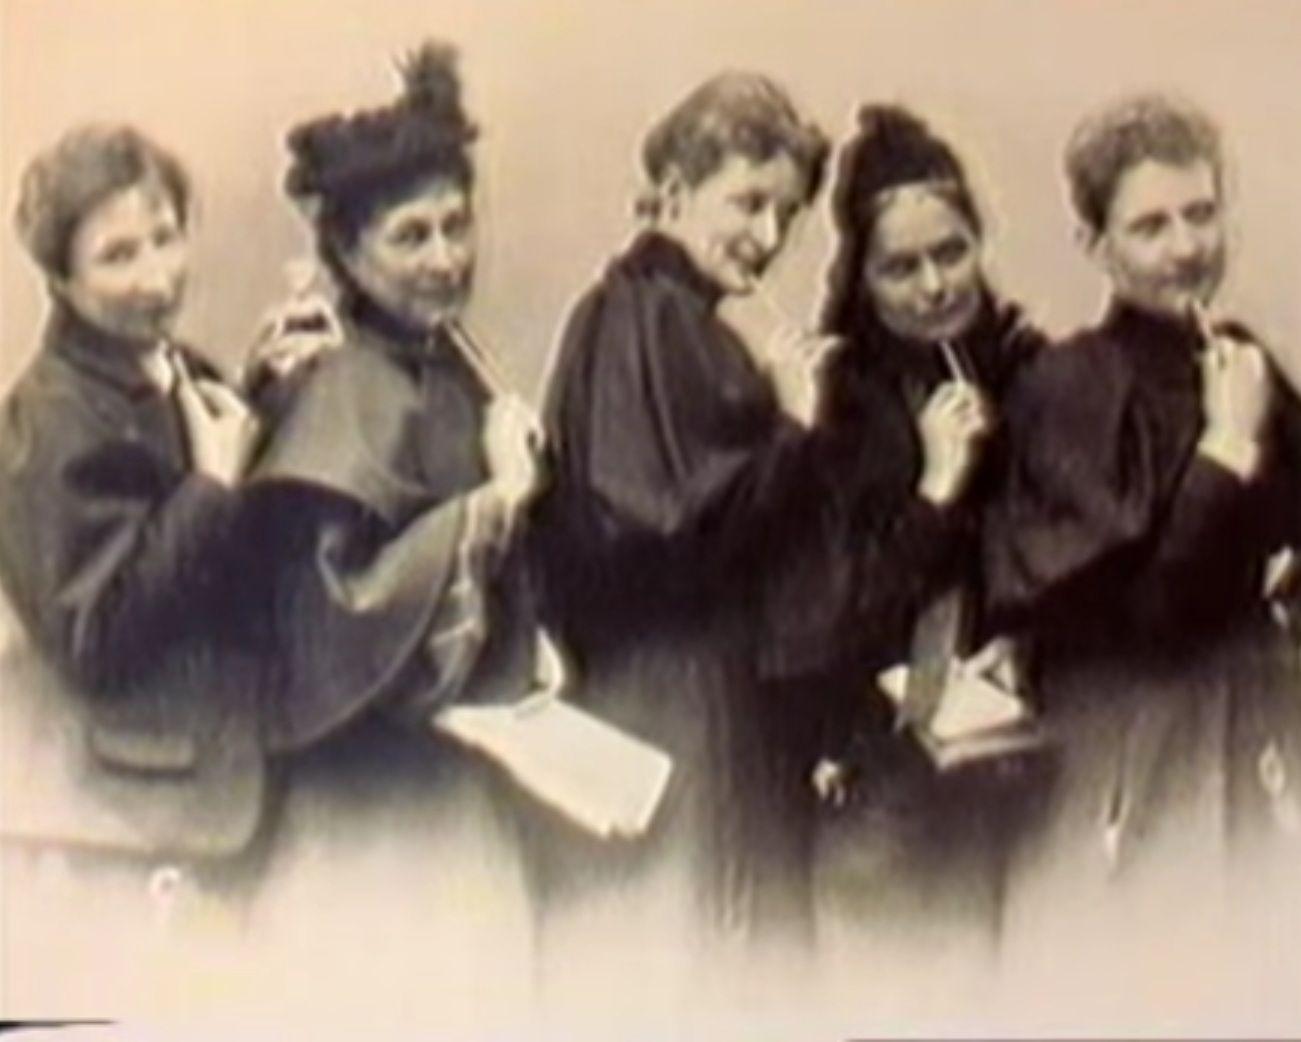 «Rosa LUXEMBOURG (1871-1919) et ses combats pour un monde de paix meilleur, plus juste et plus fraternel» par Amadou Bal BA - http://baamadou.over-blog.fr/